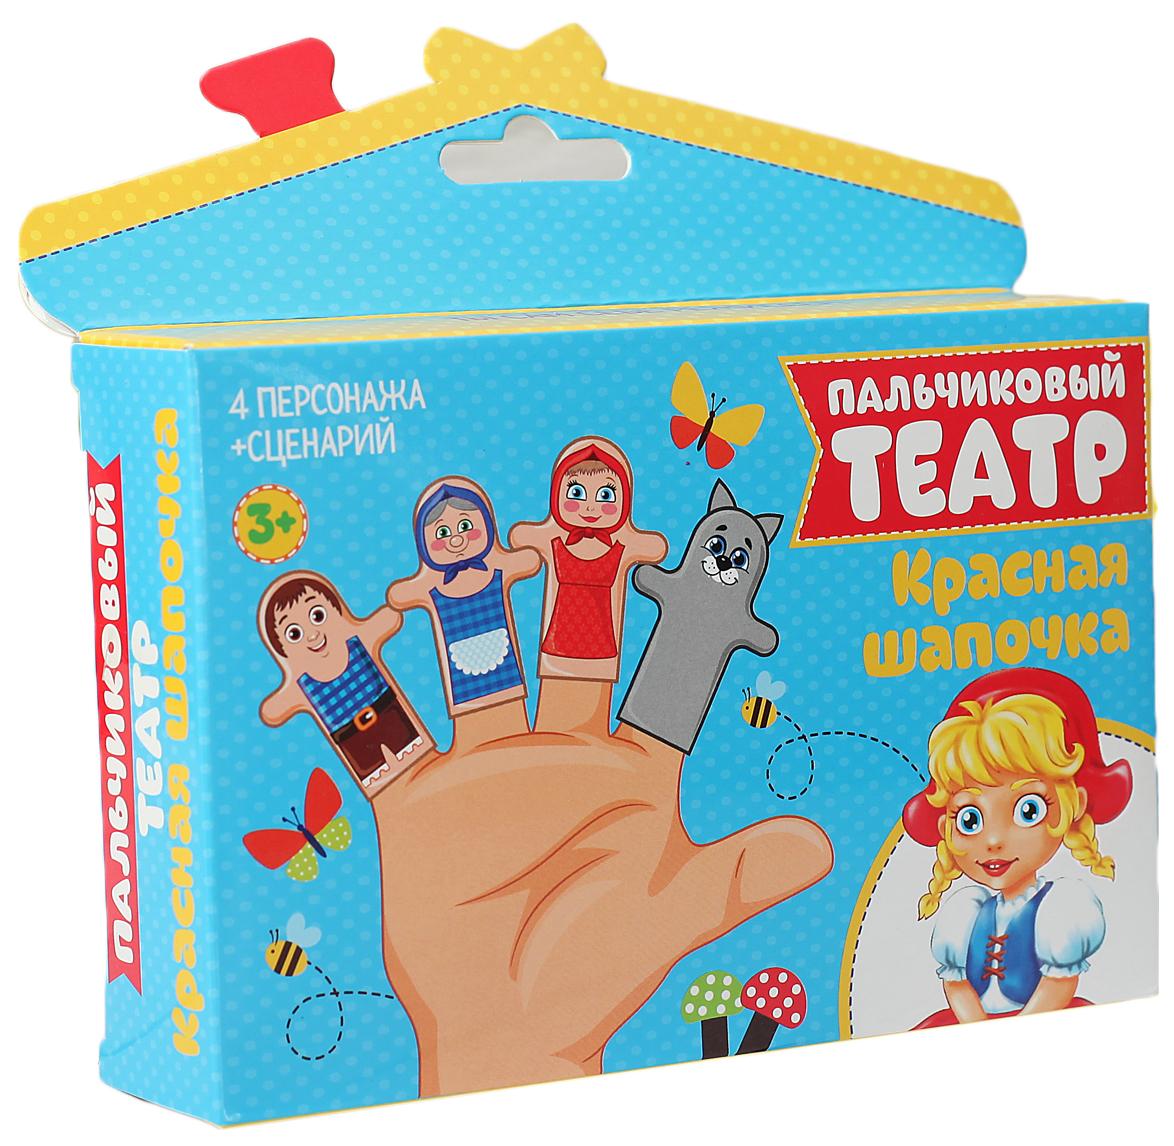 Кукольный театр Красная шапочка 4 персонажа + сценарий Sima-Land